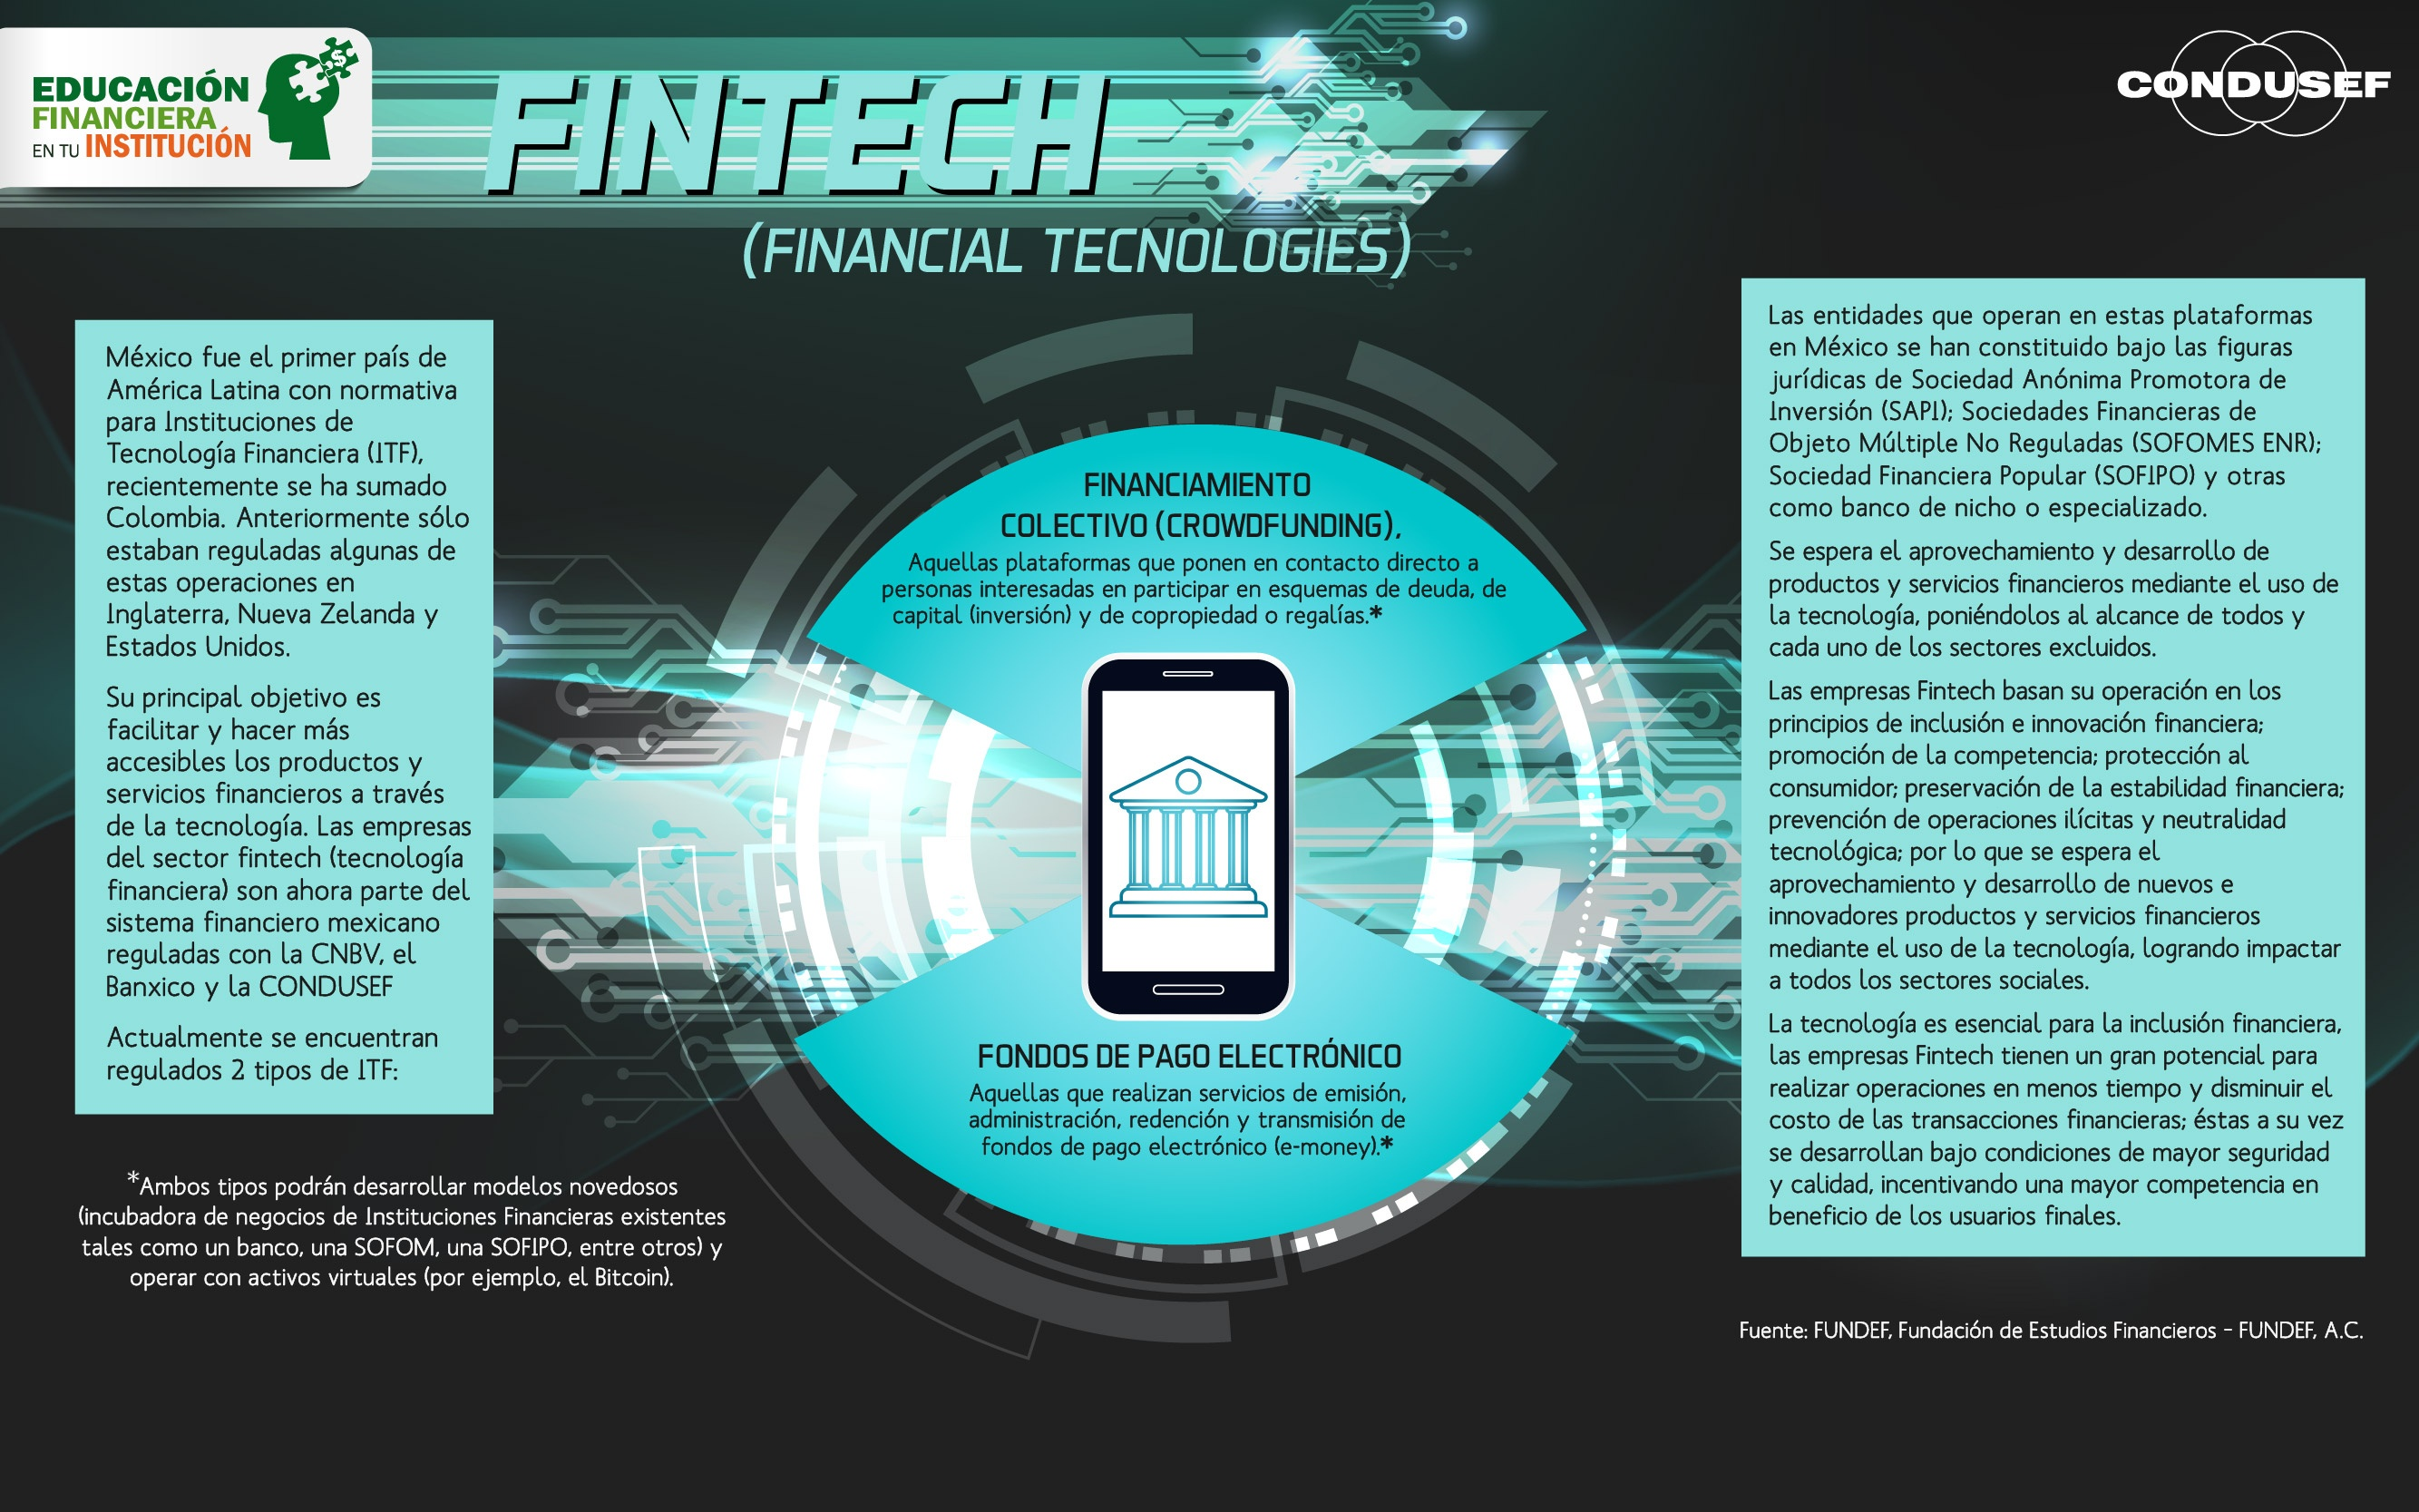 FINTECH (Financial Tecnologies)